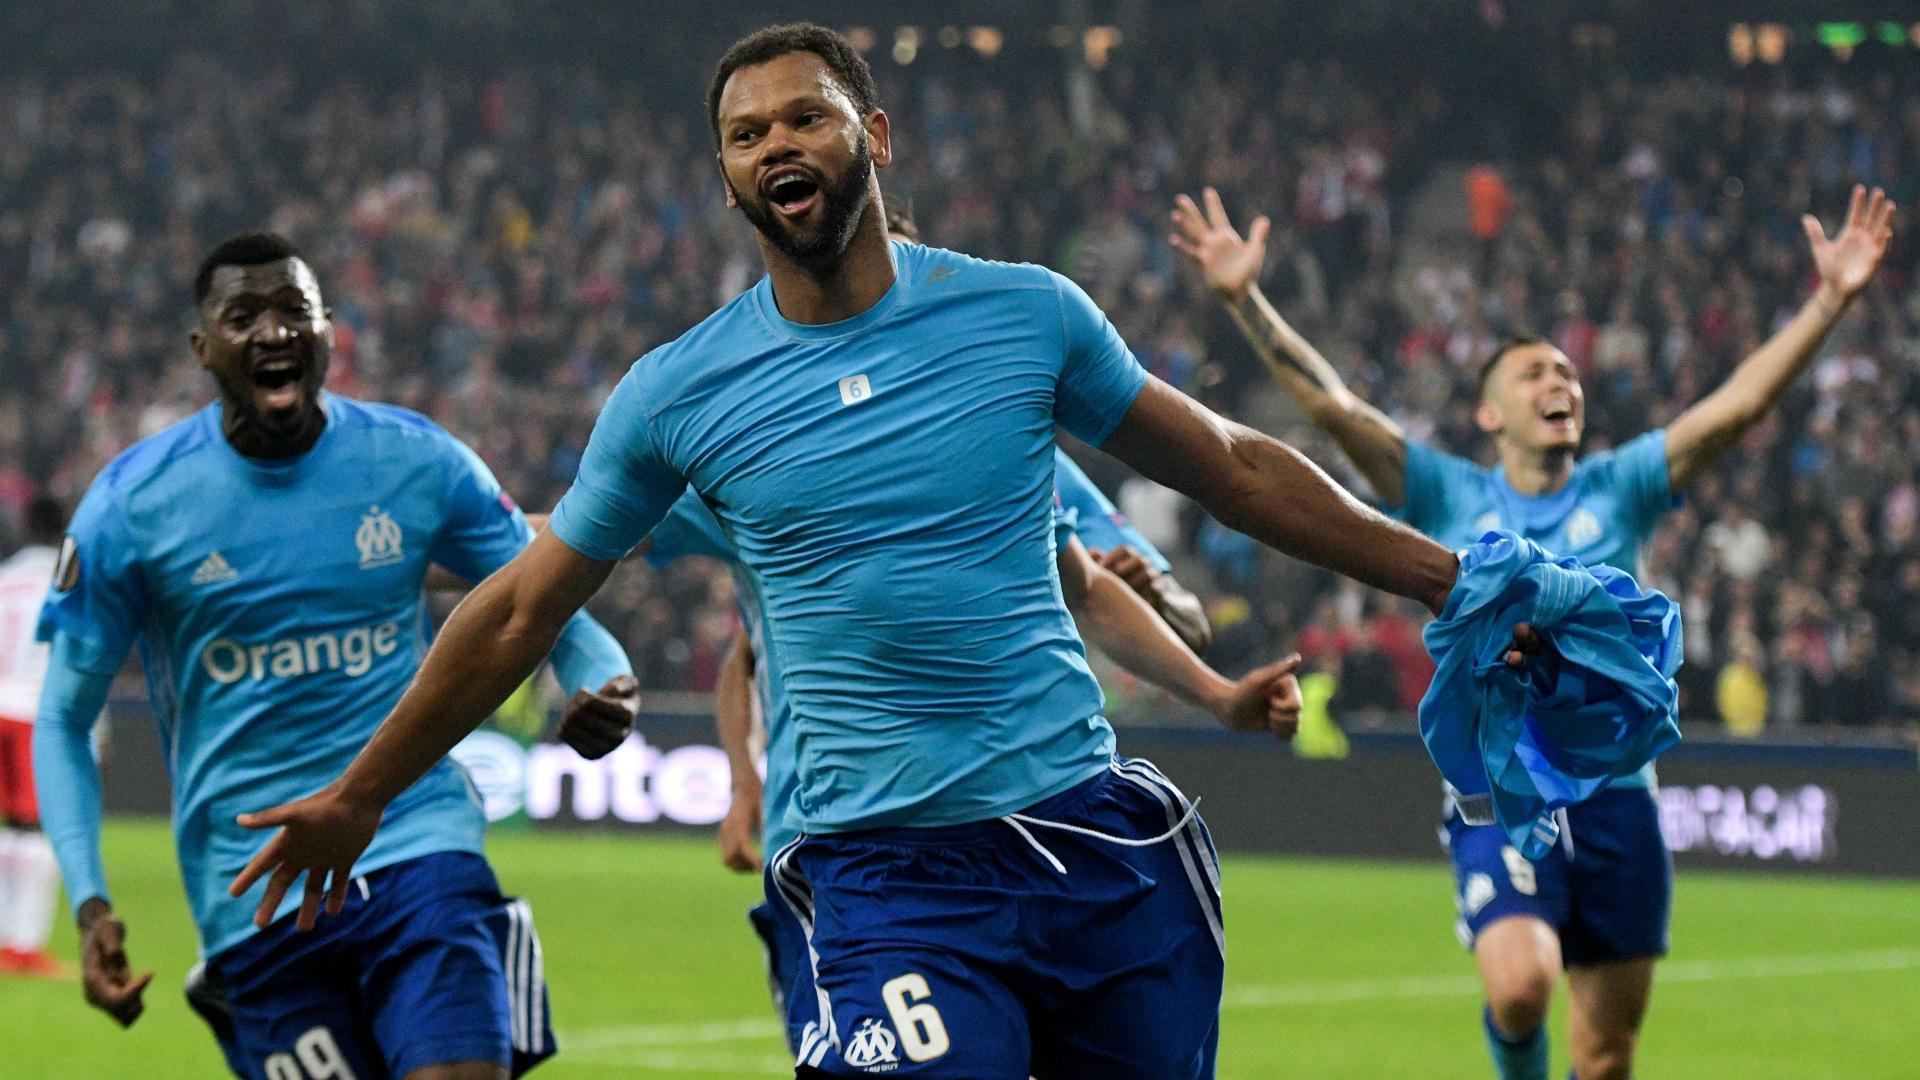 Rolando Jorge Pires da Fonseca Salzburg Olympique Marseille UEFA Europa League 05032018